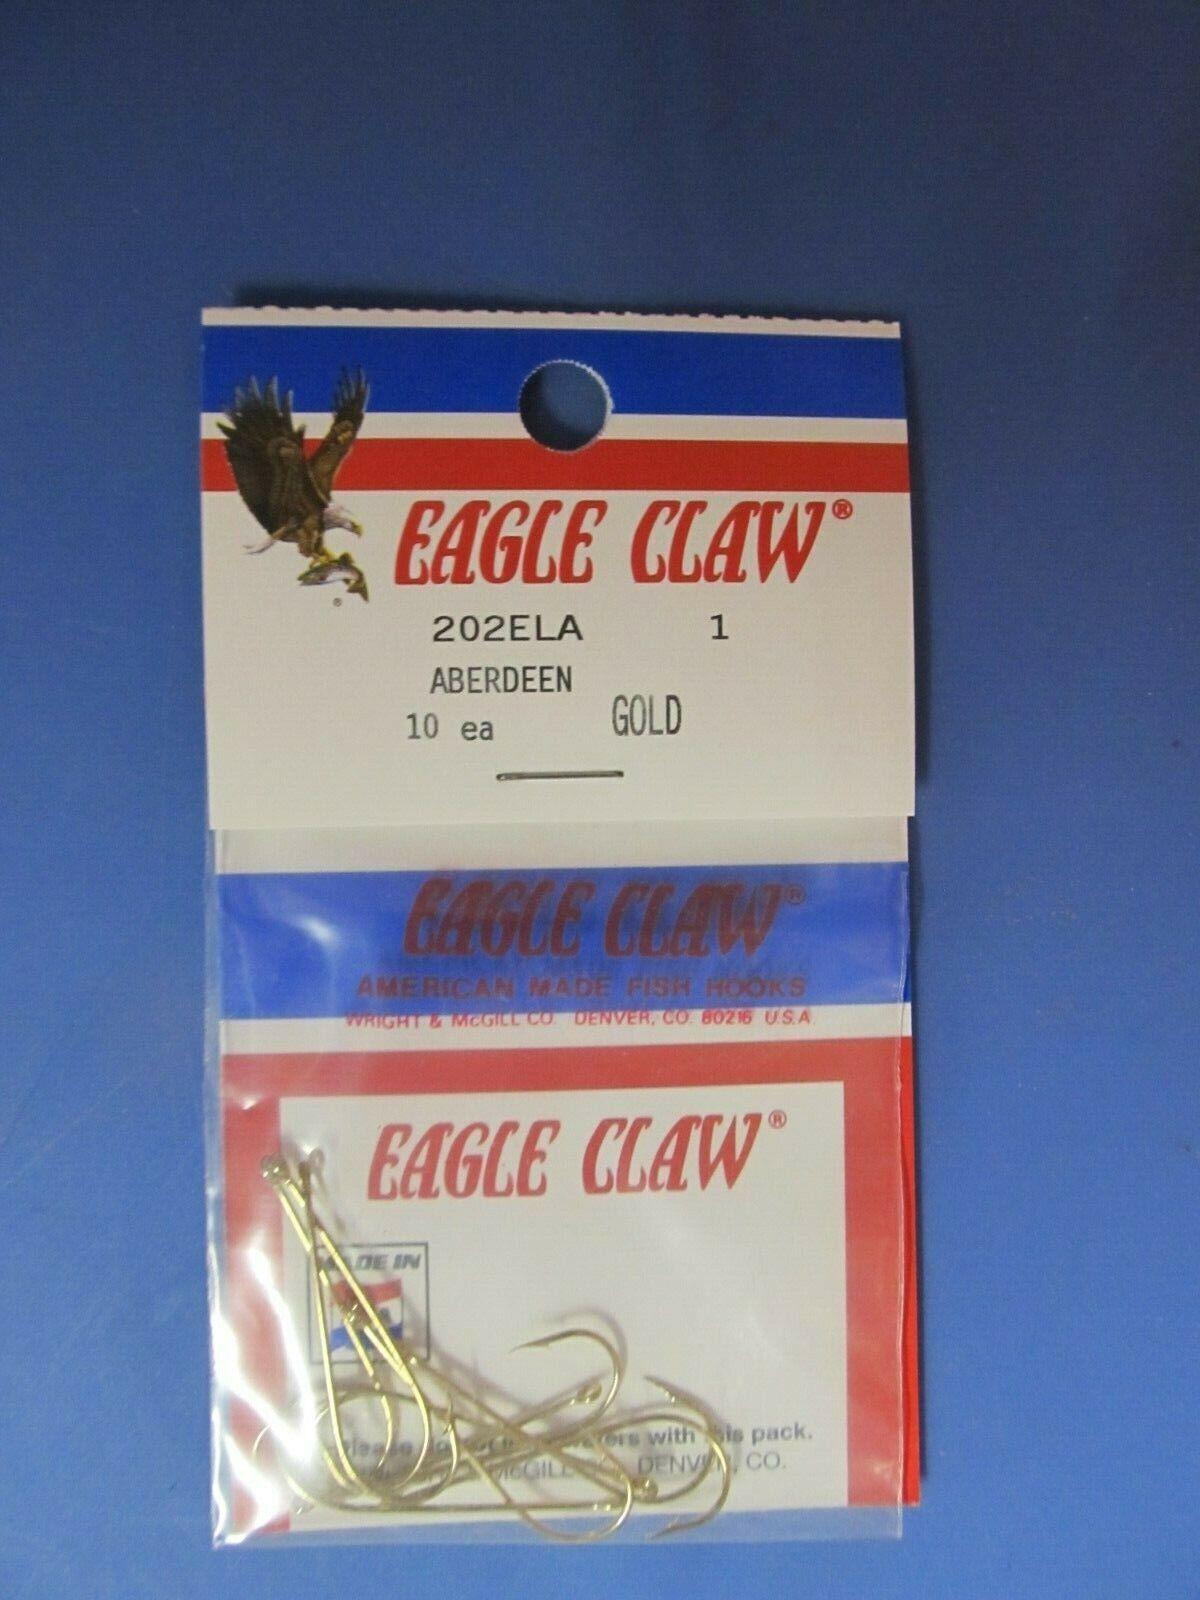 10 Size 2 Eagle Claw 202ELA-2 X-Lt Gold Aberdeen Hooks